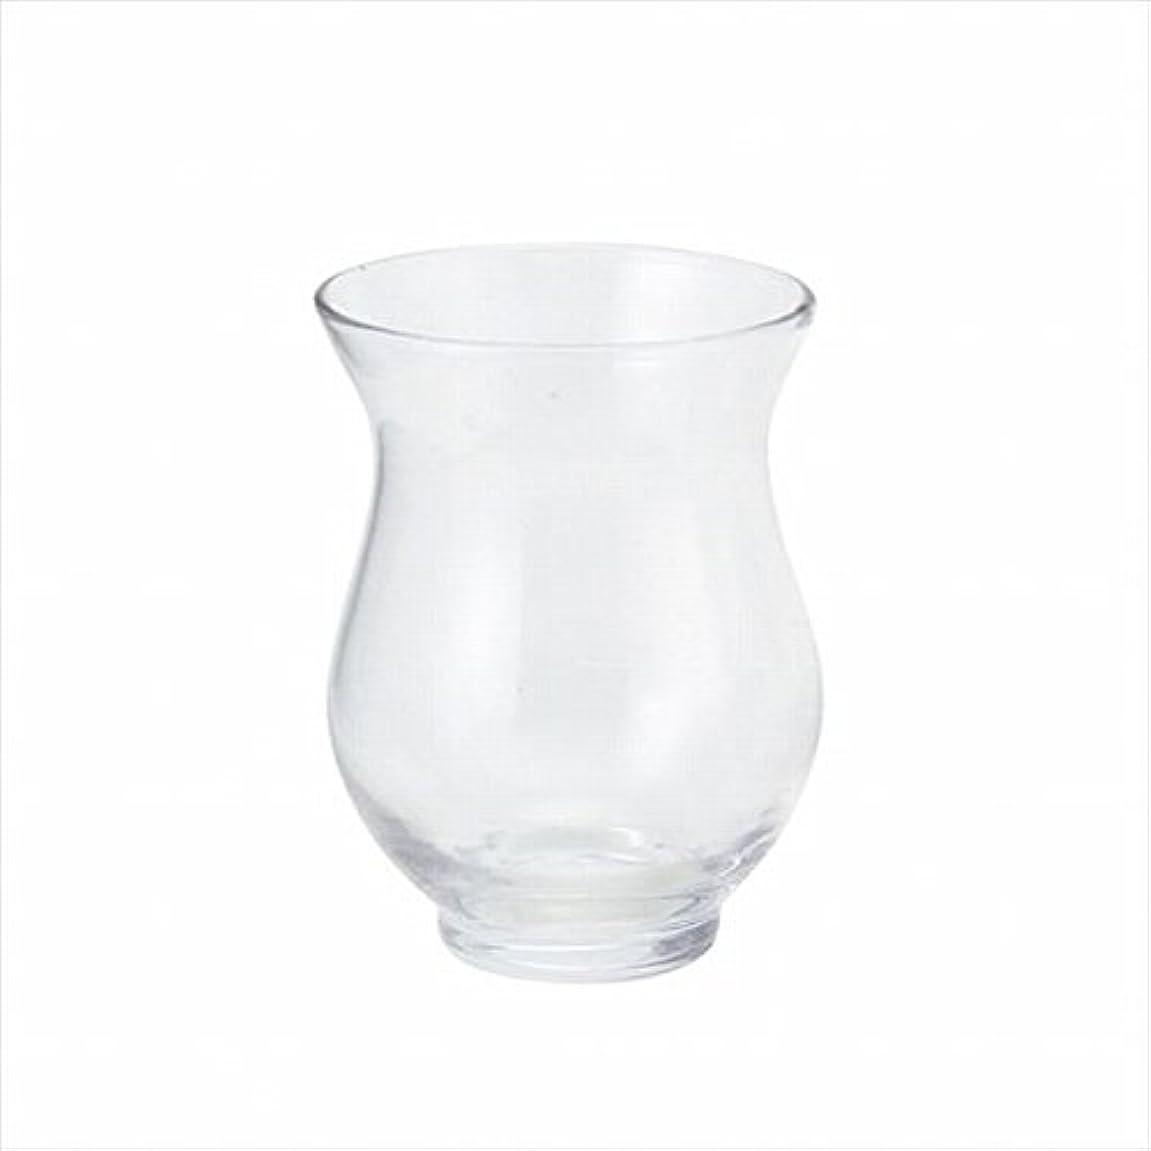 オーチャード単語言い聞かせるkameyama candle(カメヤマキャンドル) ウィンドライトエレガンスS キャンドル 75x75x100mm (D3825023)